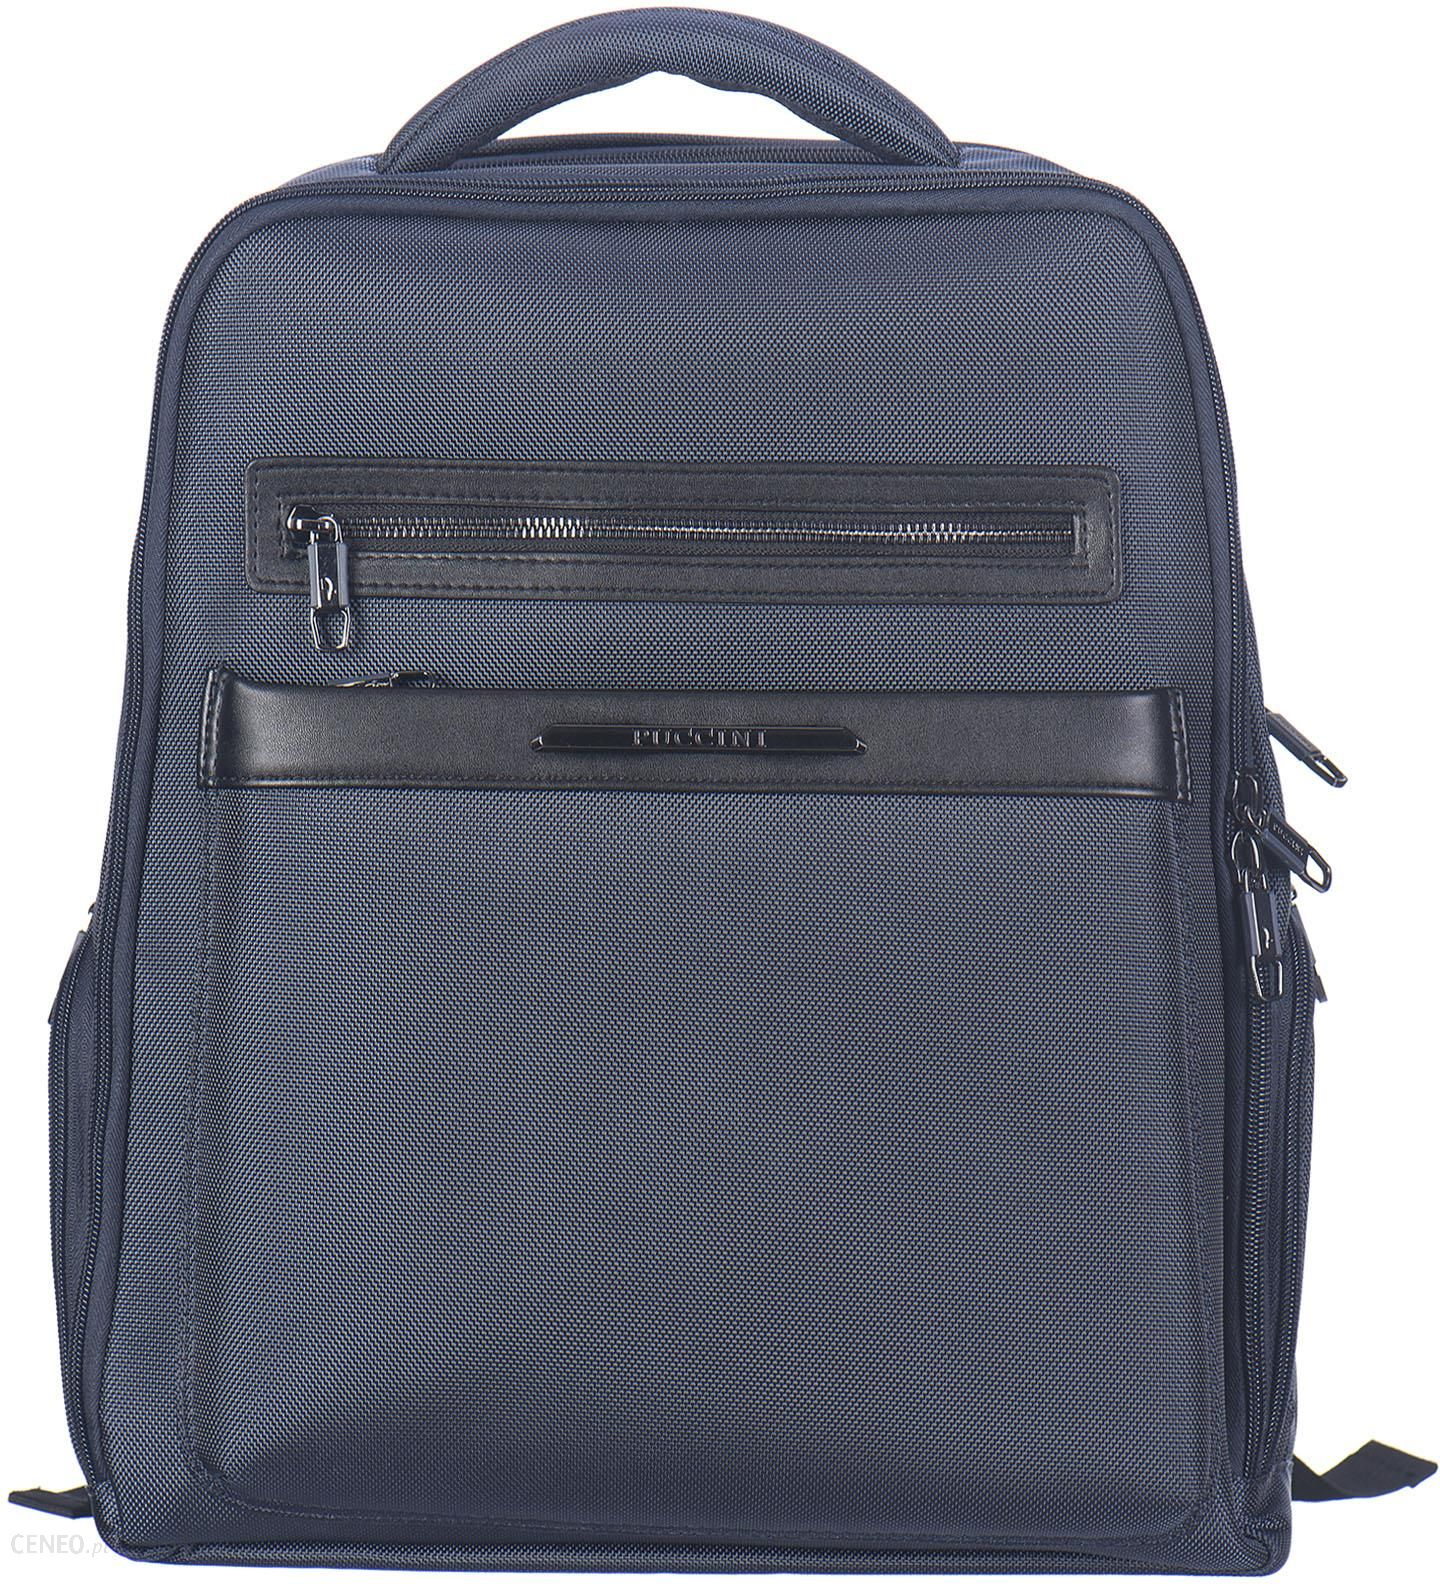 podgląd taniej kupować nowe Plecak Puccini Plecak Pm70370 7 - Ceny i opinie - Ceneo.pl